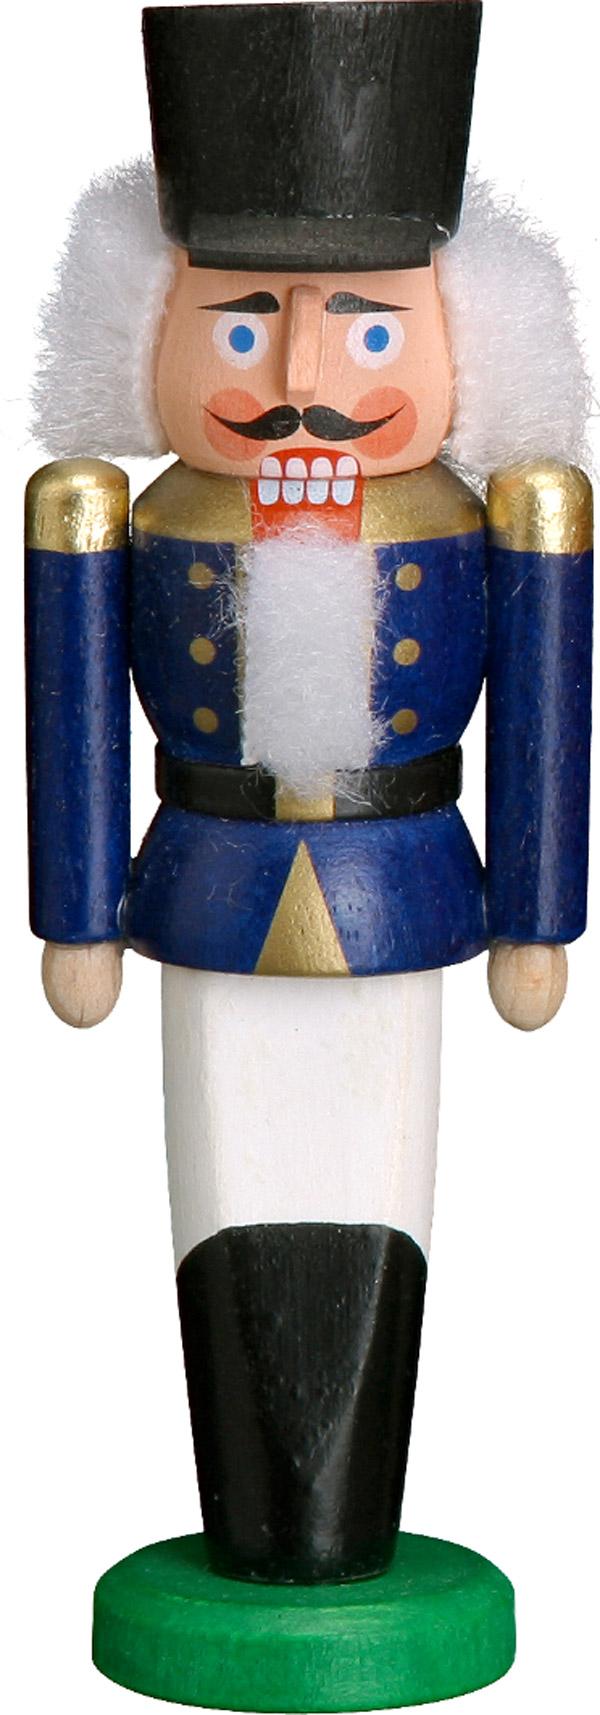 Nussknacker Behang Husar blau